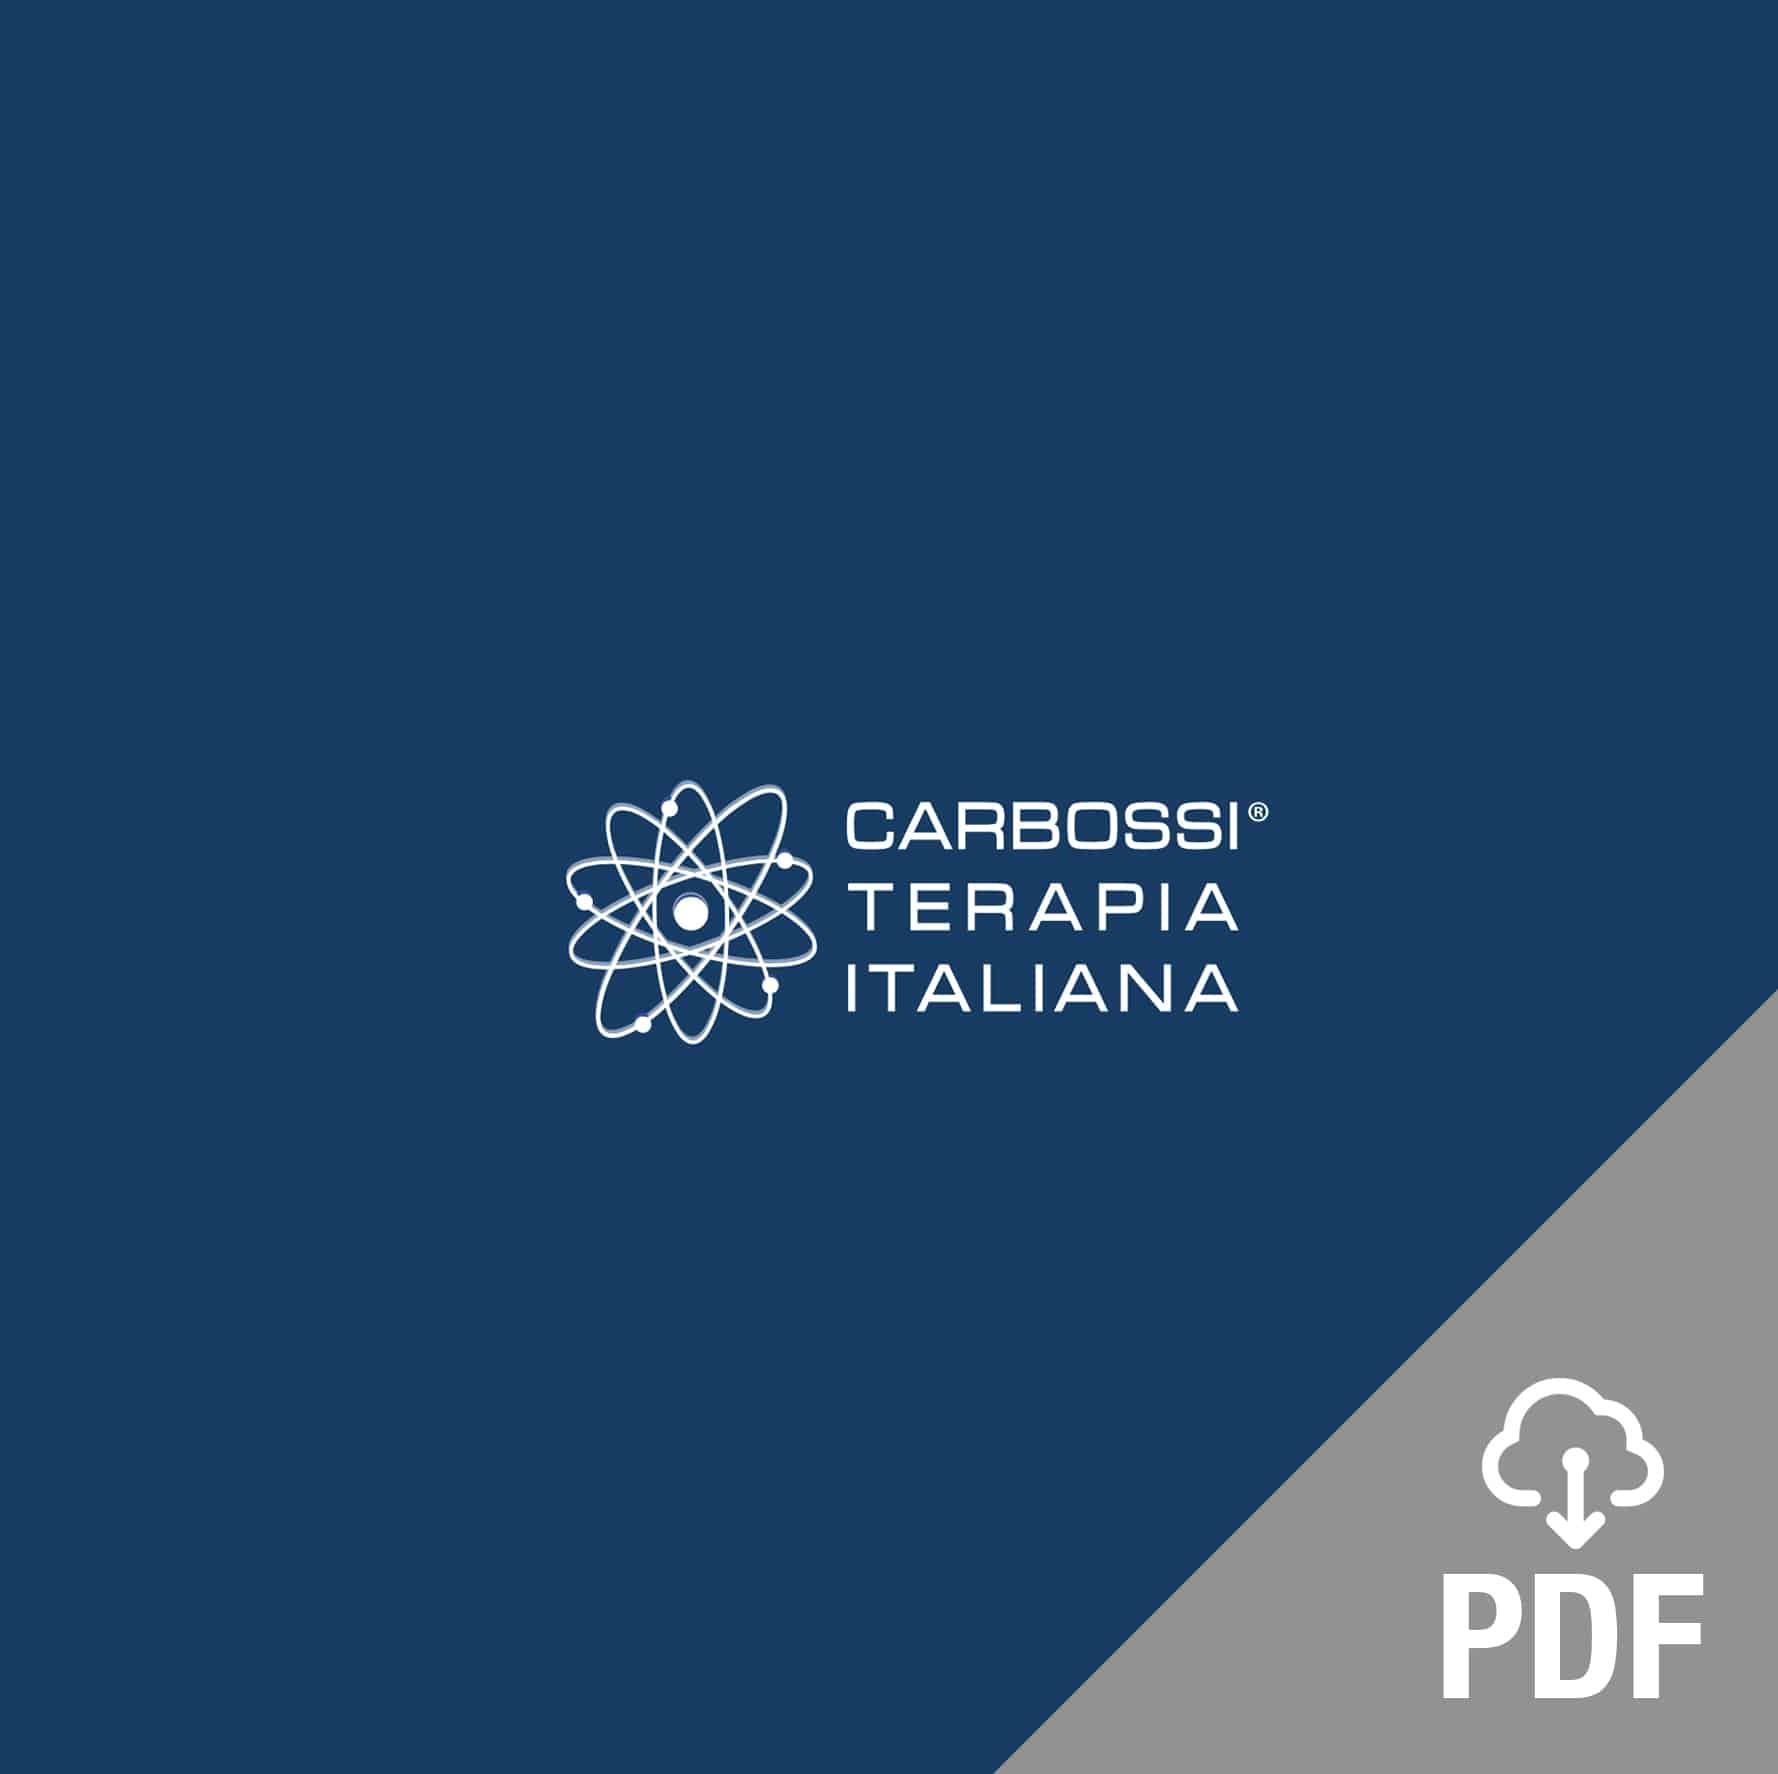 pdf2 carboxiterapia carbomed dióxido de carbono medicinal (CO2) microinyecciones ojeras, cicatrices, celulitis, flacidez. Belium Medical distribuidor oficial españa